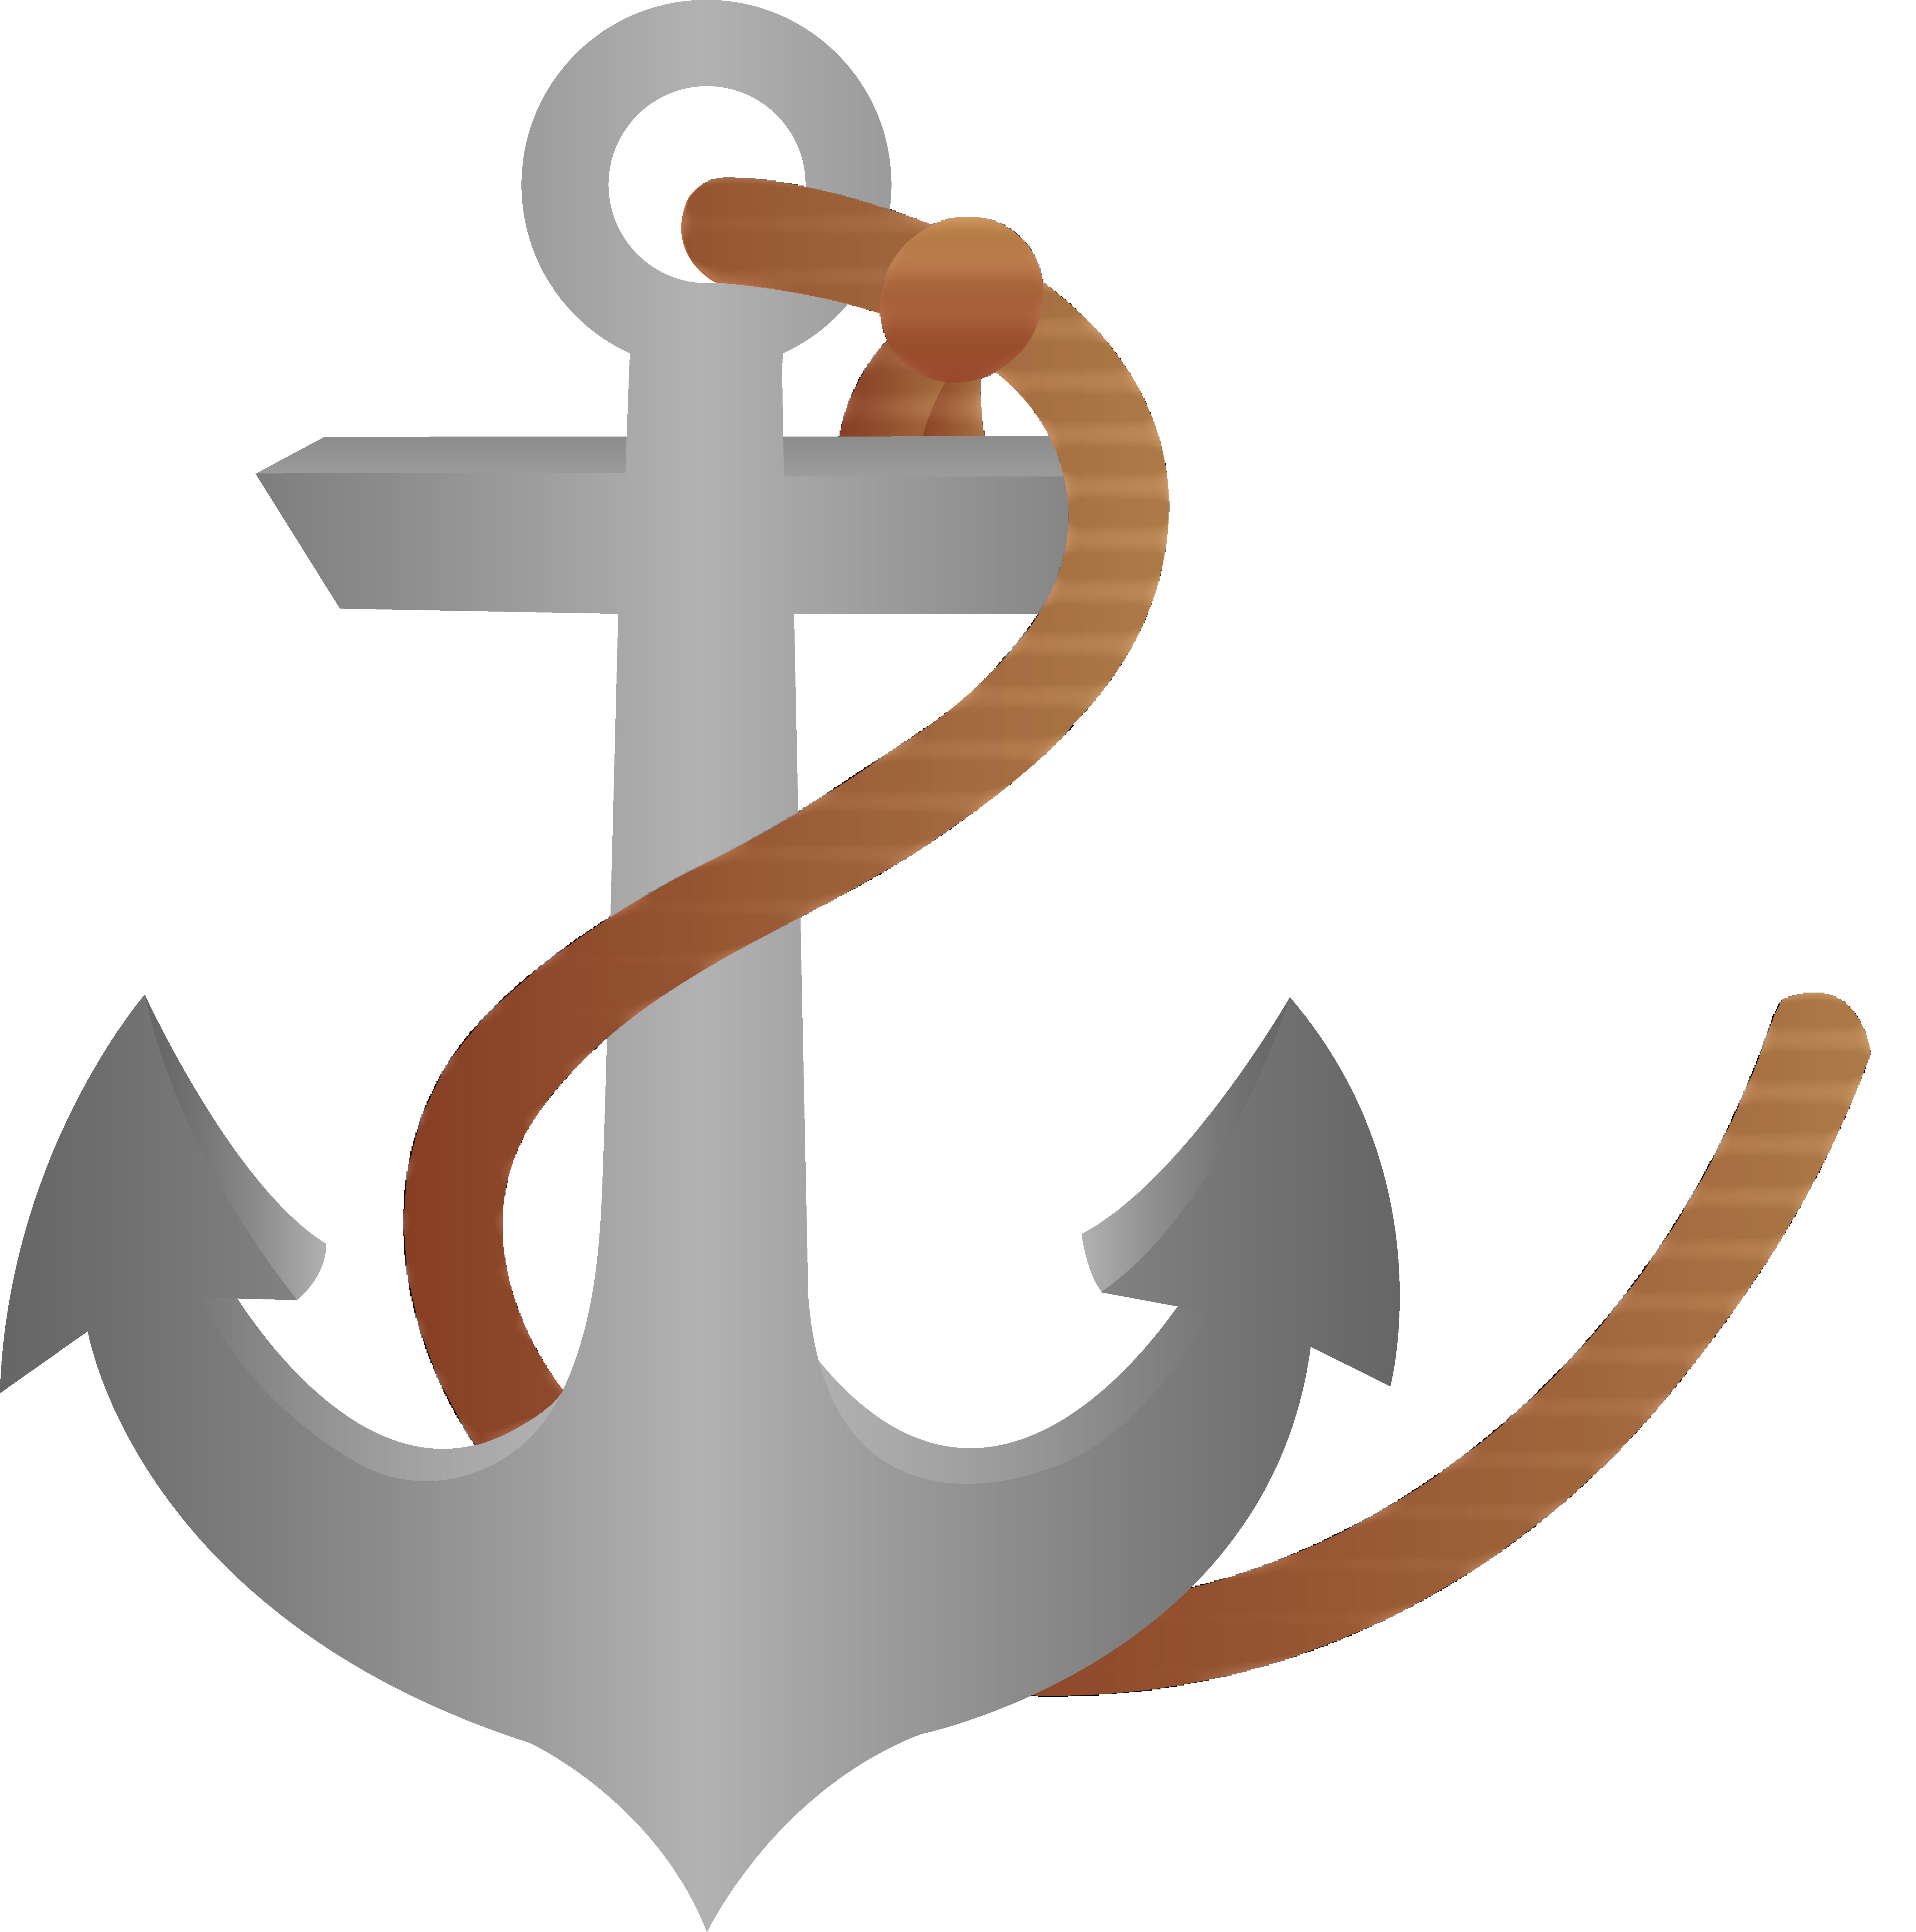 anchor clipart cliparts co free anchor clip art printable free anchor clip art vecor